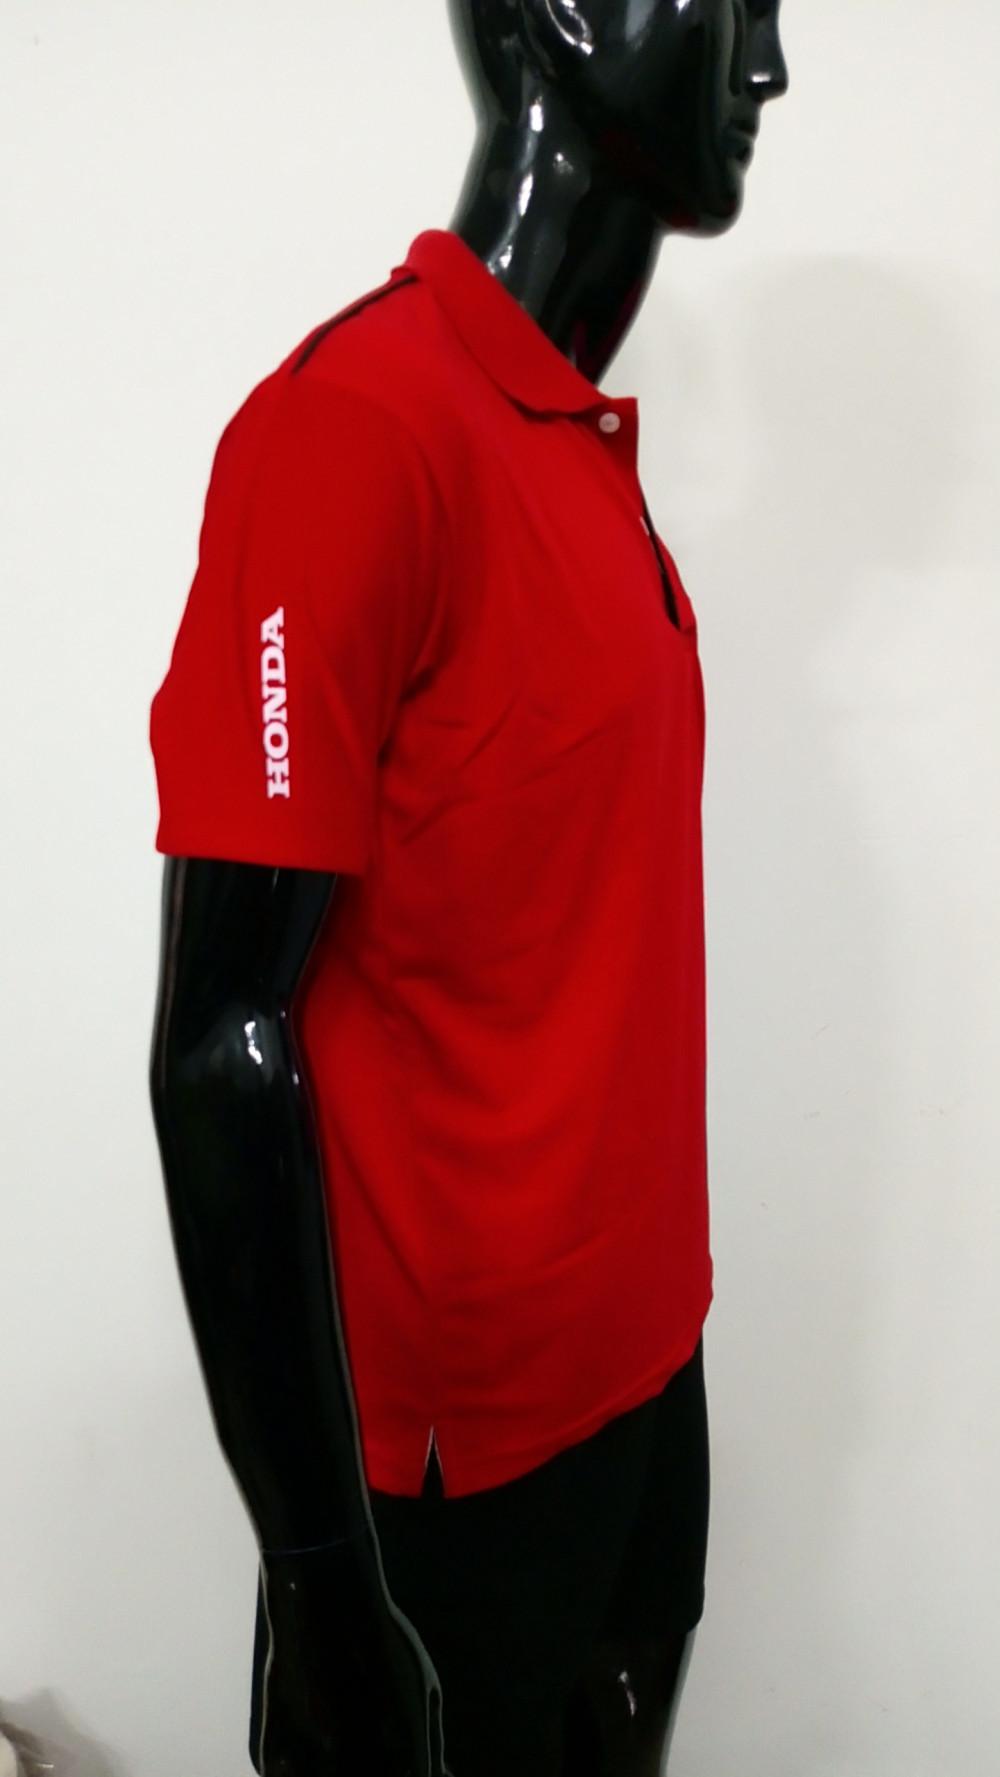 Mẫu áo thun cá sấu màu đỏ - Xưởng may áo thun bỏ sỉ 2